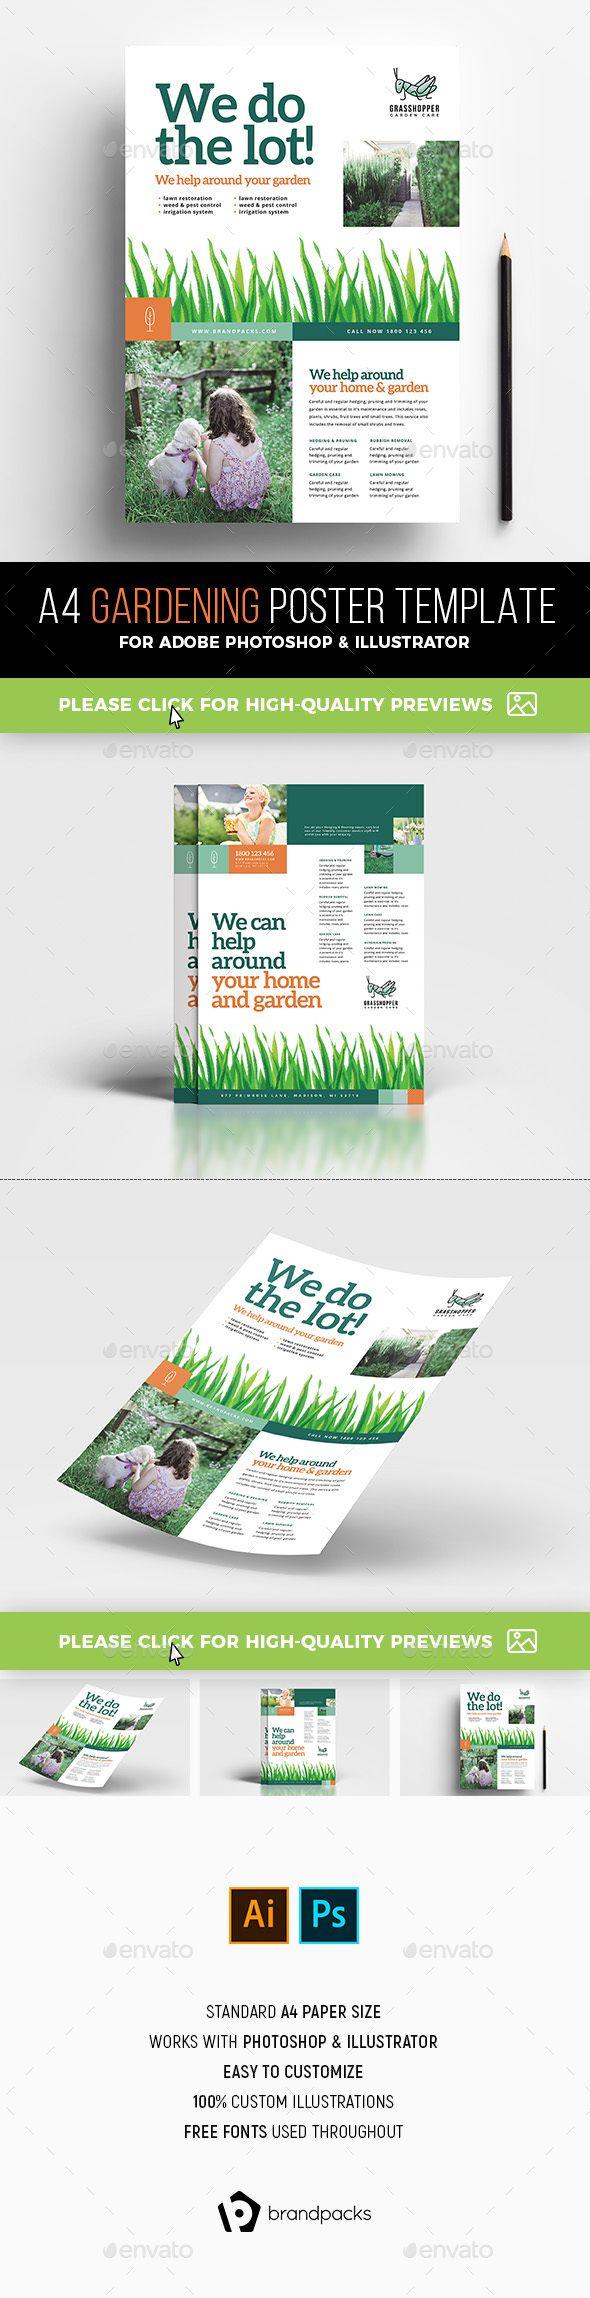 A4 Gardening Poster / Advertisement Template PSD, AI